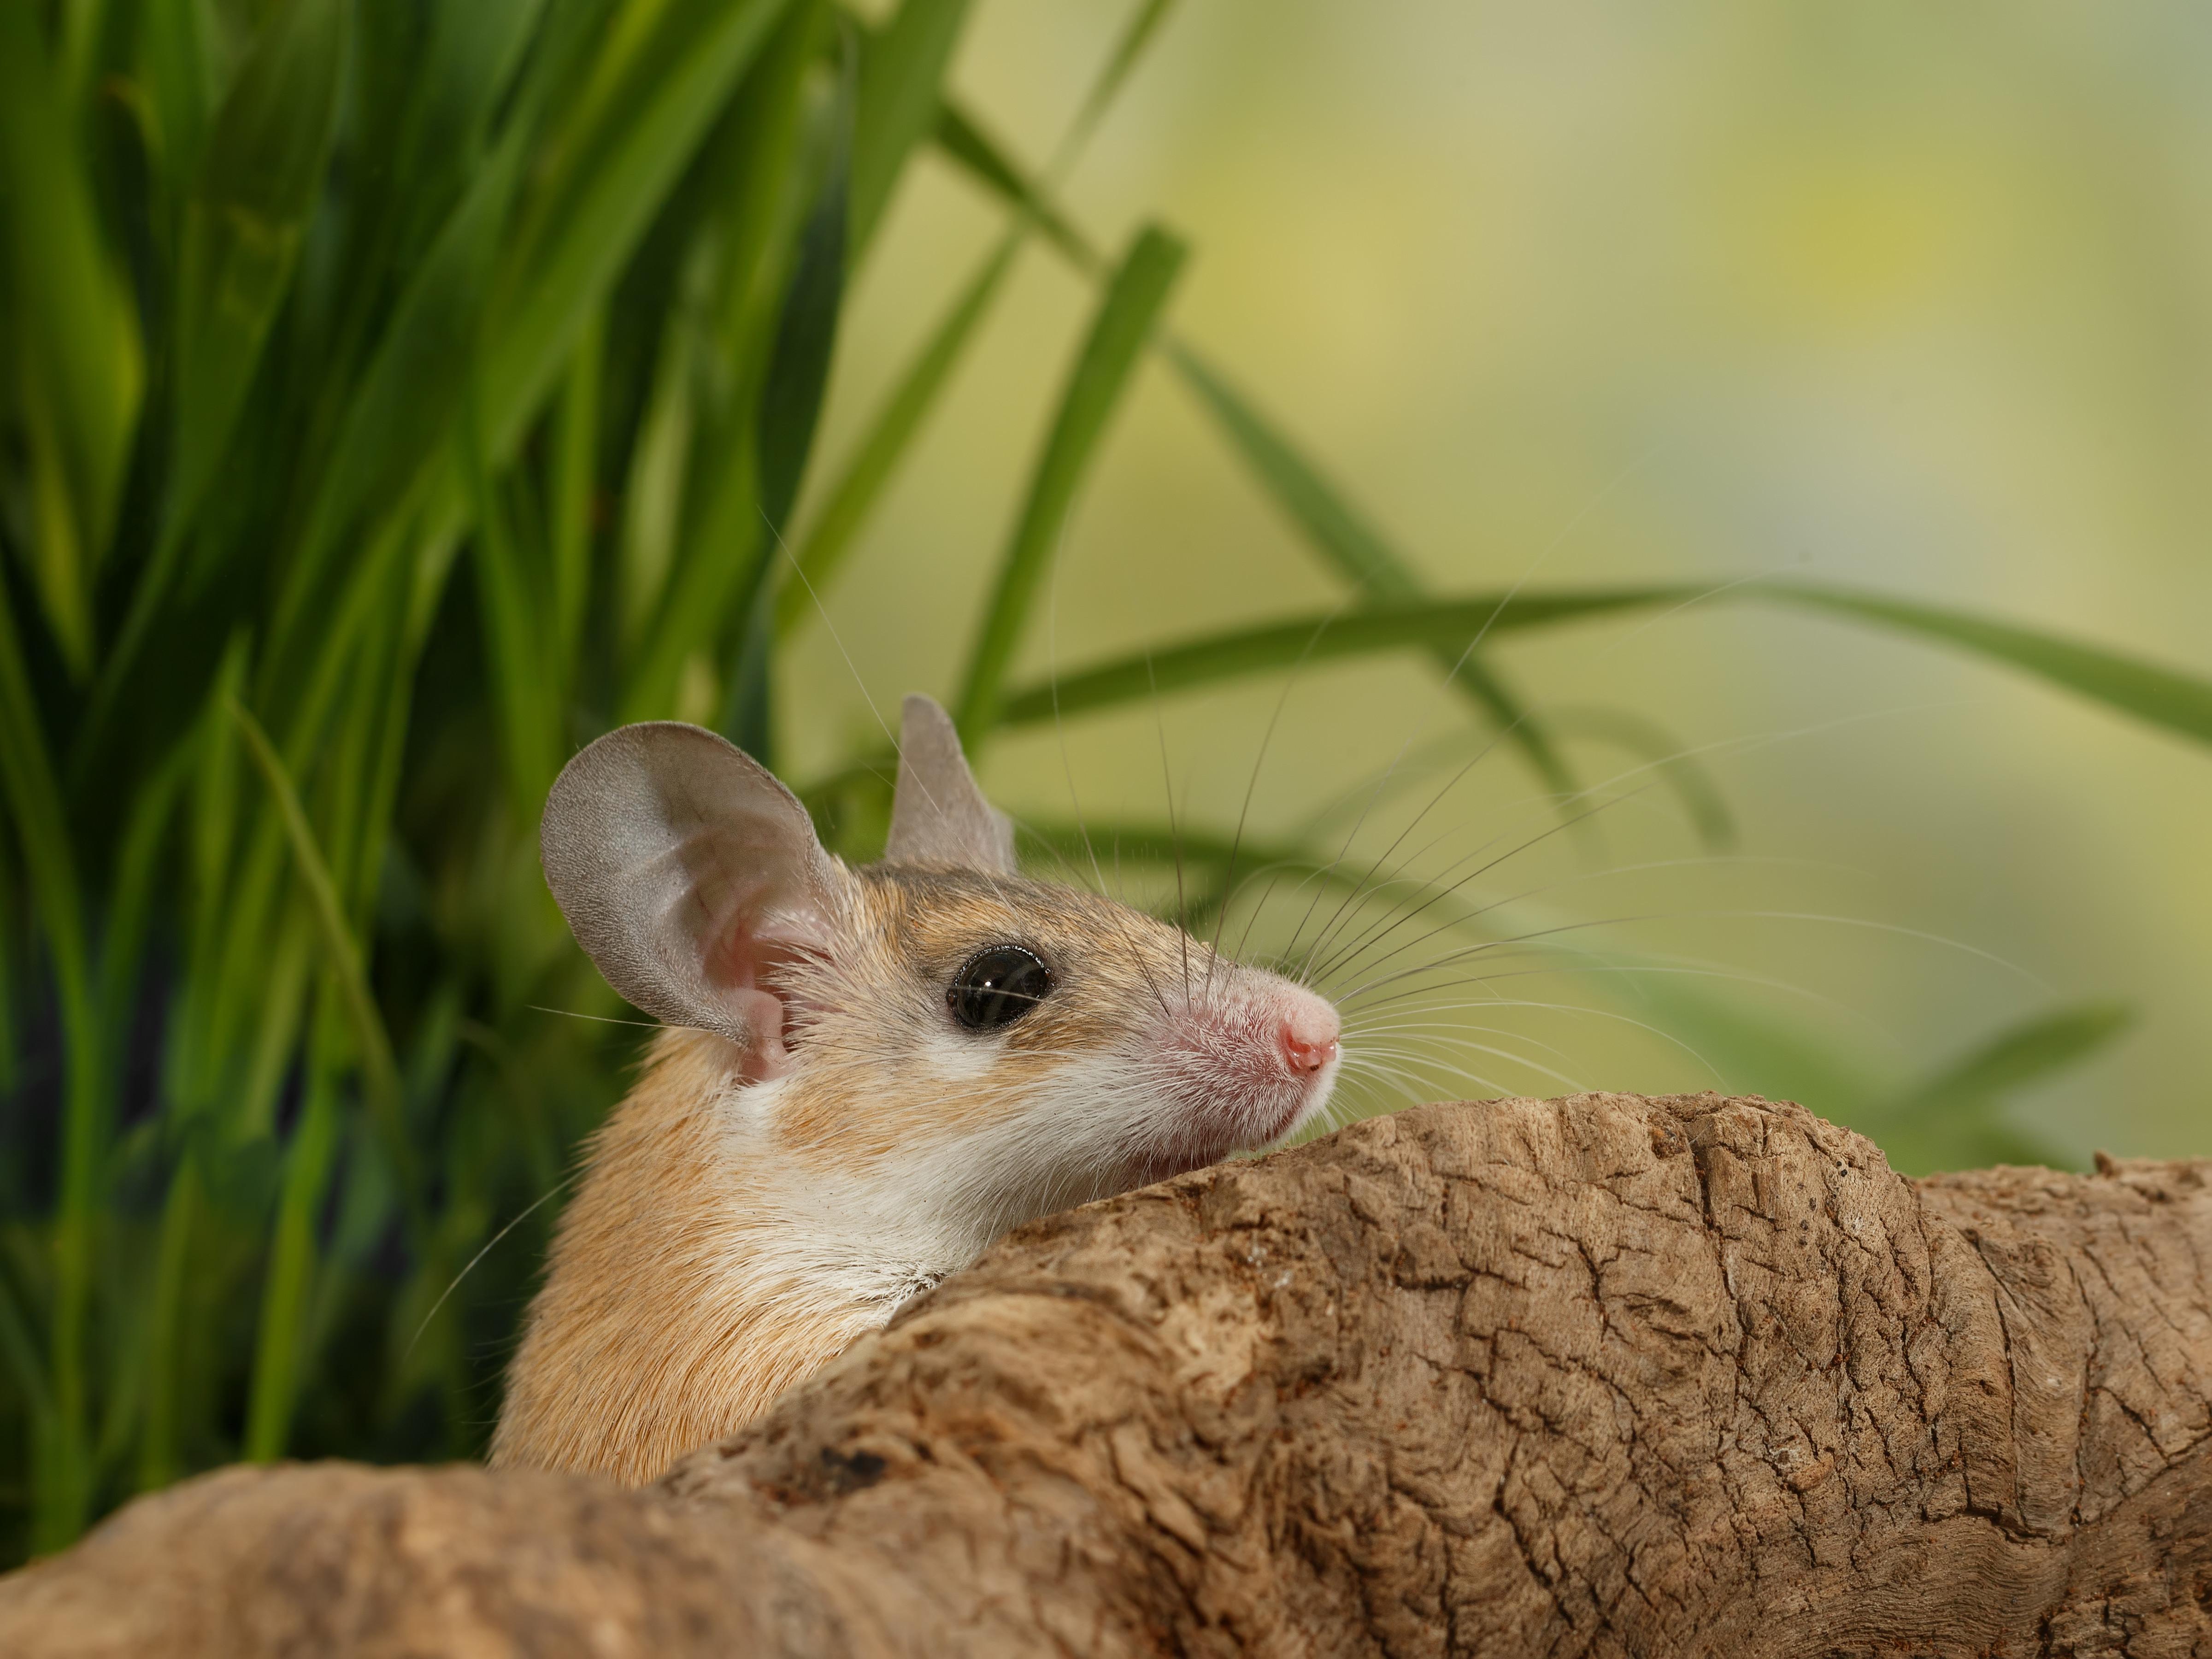 Saiba quais são os mamíferos que têm melhor relação com os humanos